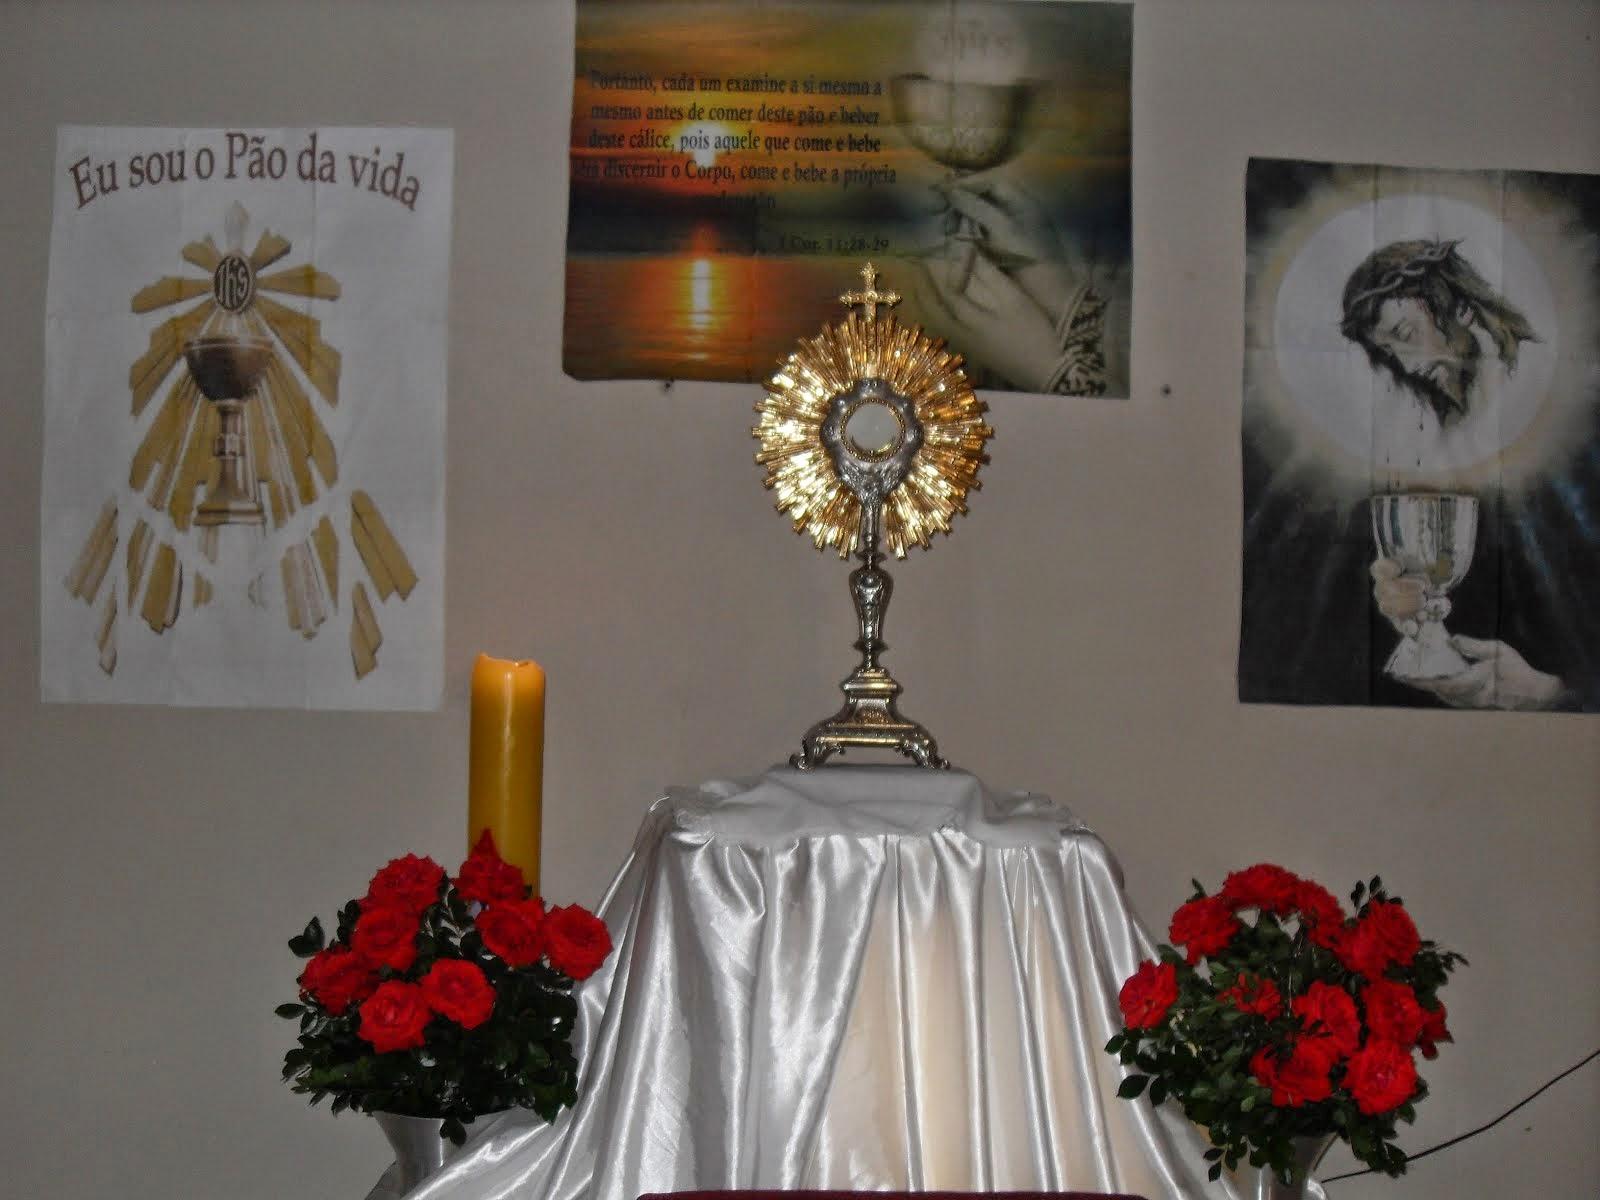 Quinta-feira de adoração na Paróquia